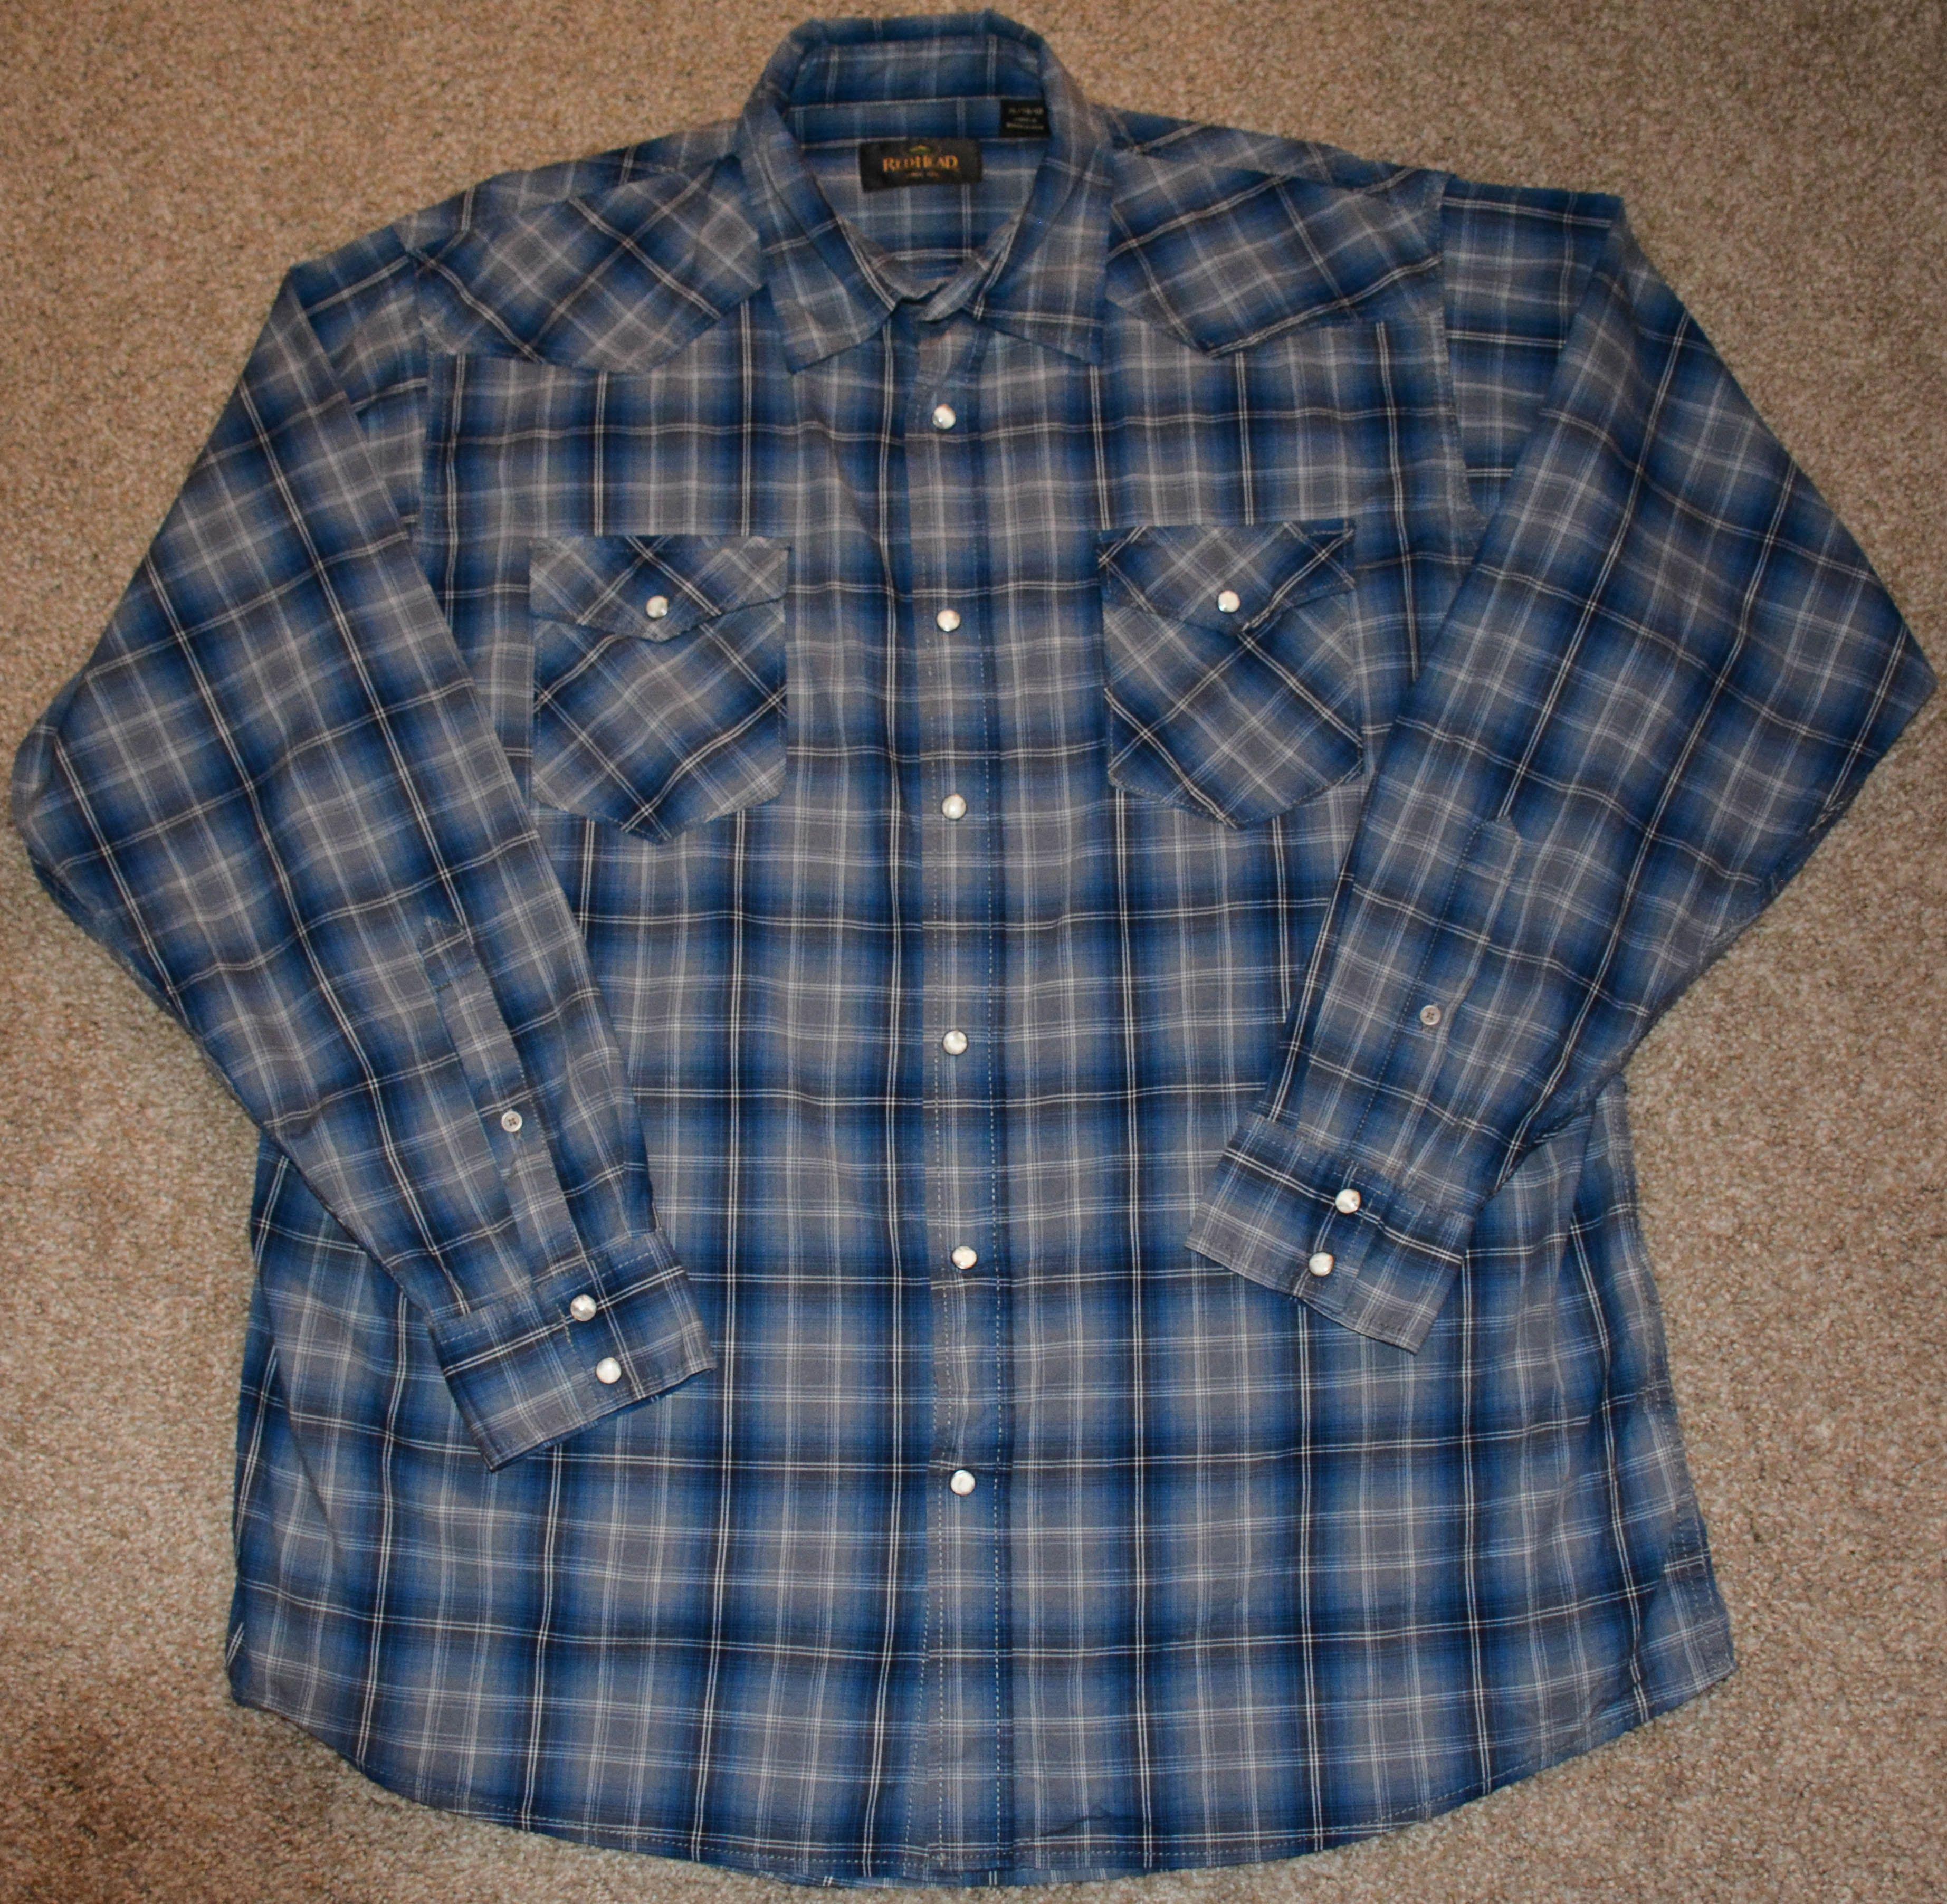 Redhead great plains shirt cheap